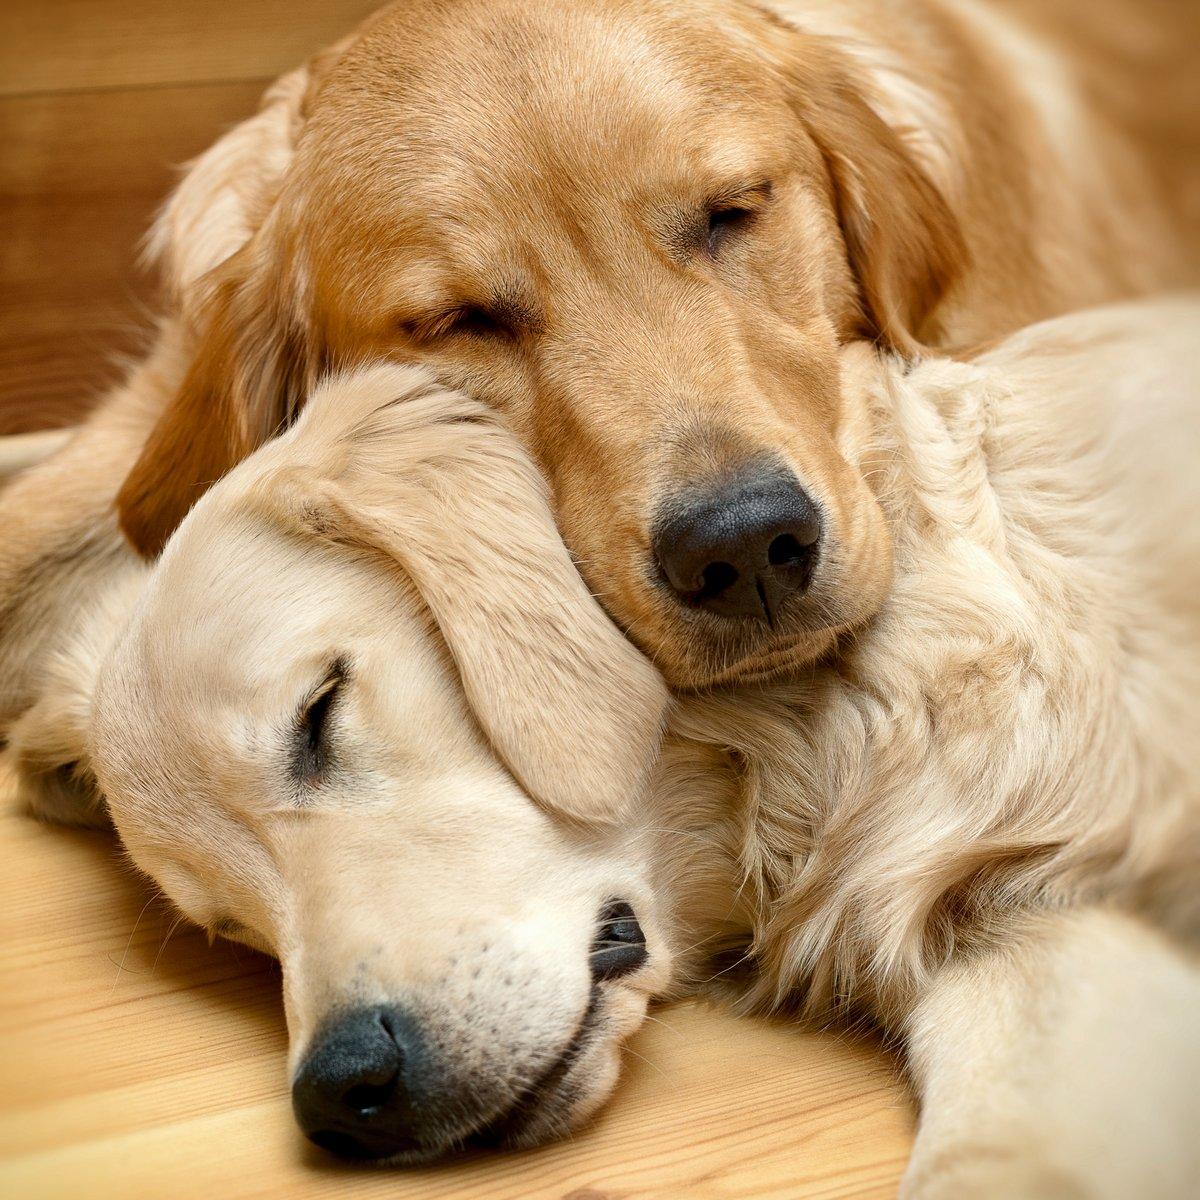 Постер Животные Вид двух собак лежа, 20x20 см, на бумагеСобаки<br>Постер на холсте или бумаге. Любого нужного вам размера. В раме или без. Подвес в комплекте. Трехслойная надежная упаковка. Доставим в любую точку России. Вам осталось только повесить картину на стену!<br>